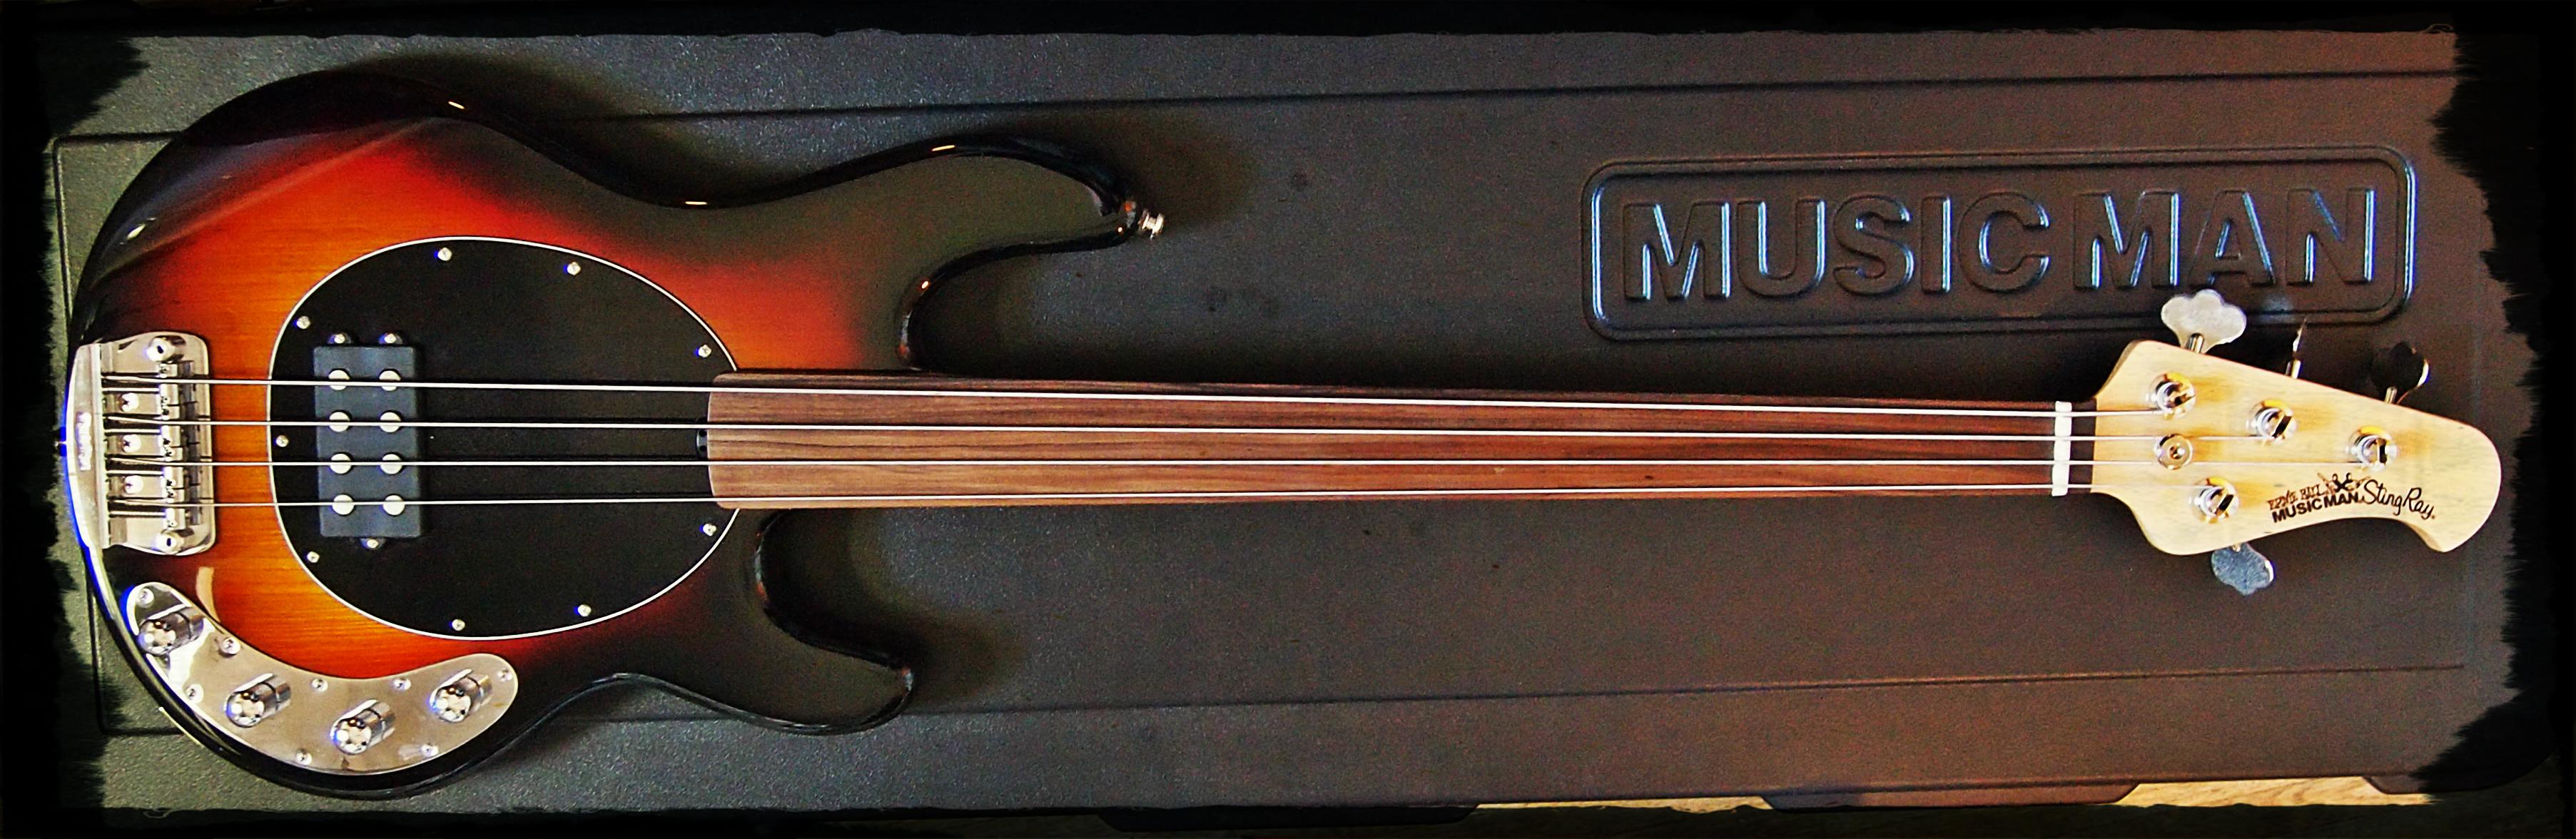 Music man 5 string bass